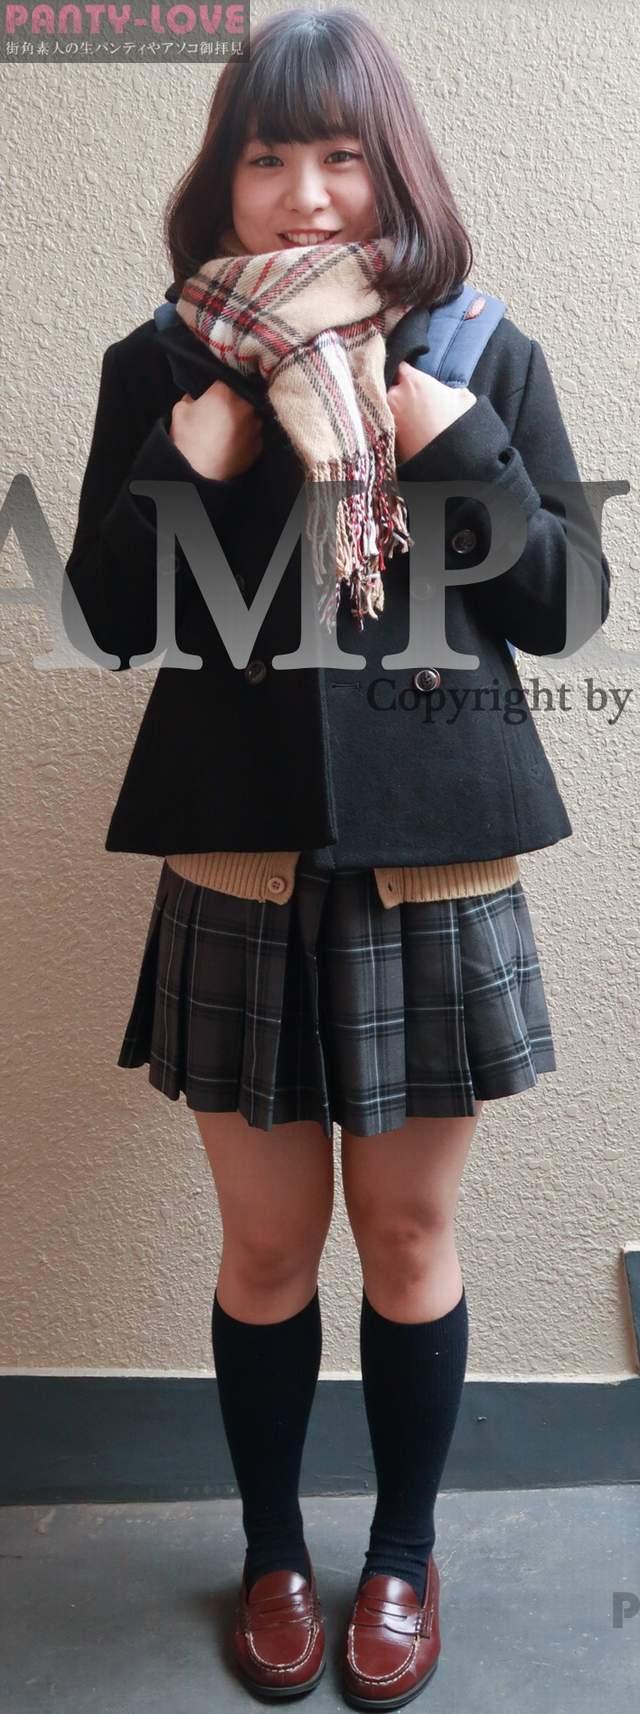 【すずね】美少女JKの純白パンティが眩しいパンチラ ~PANTY-LOVE~